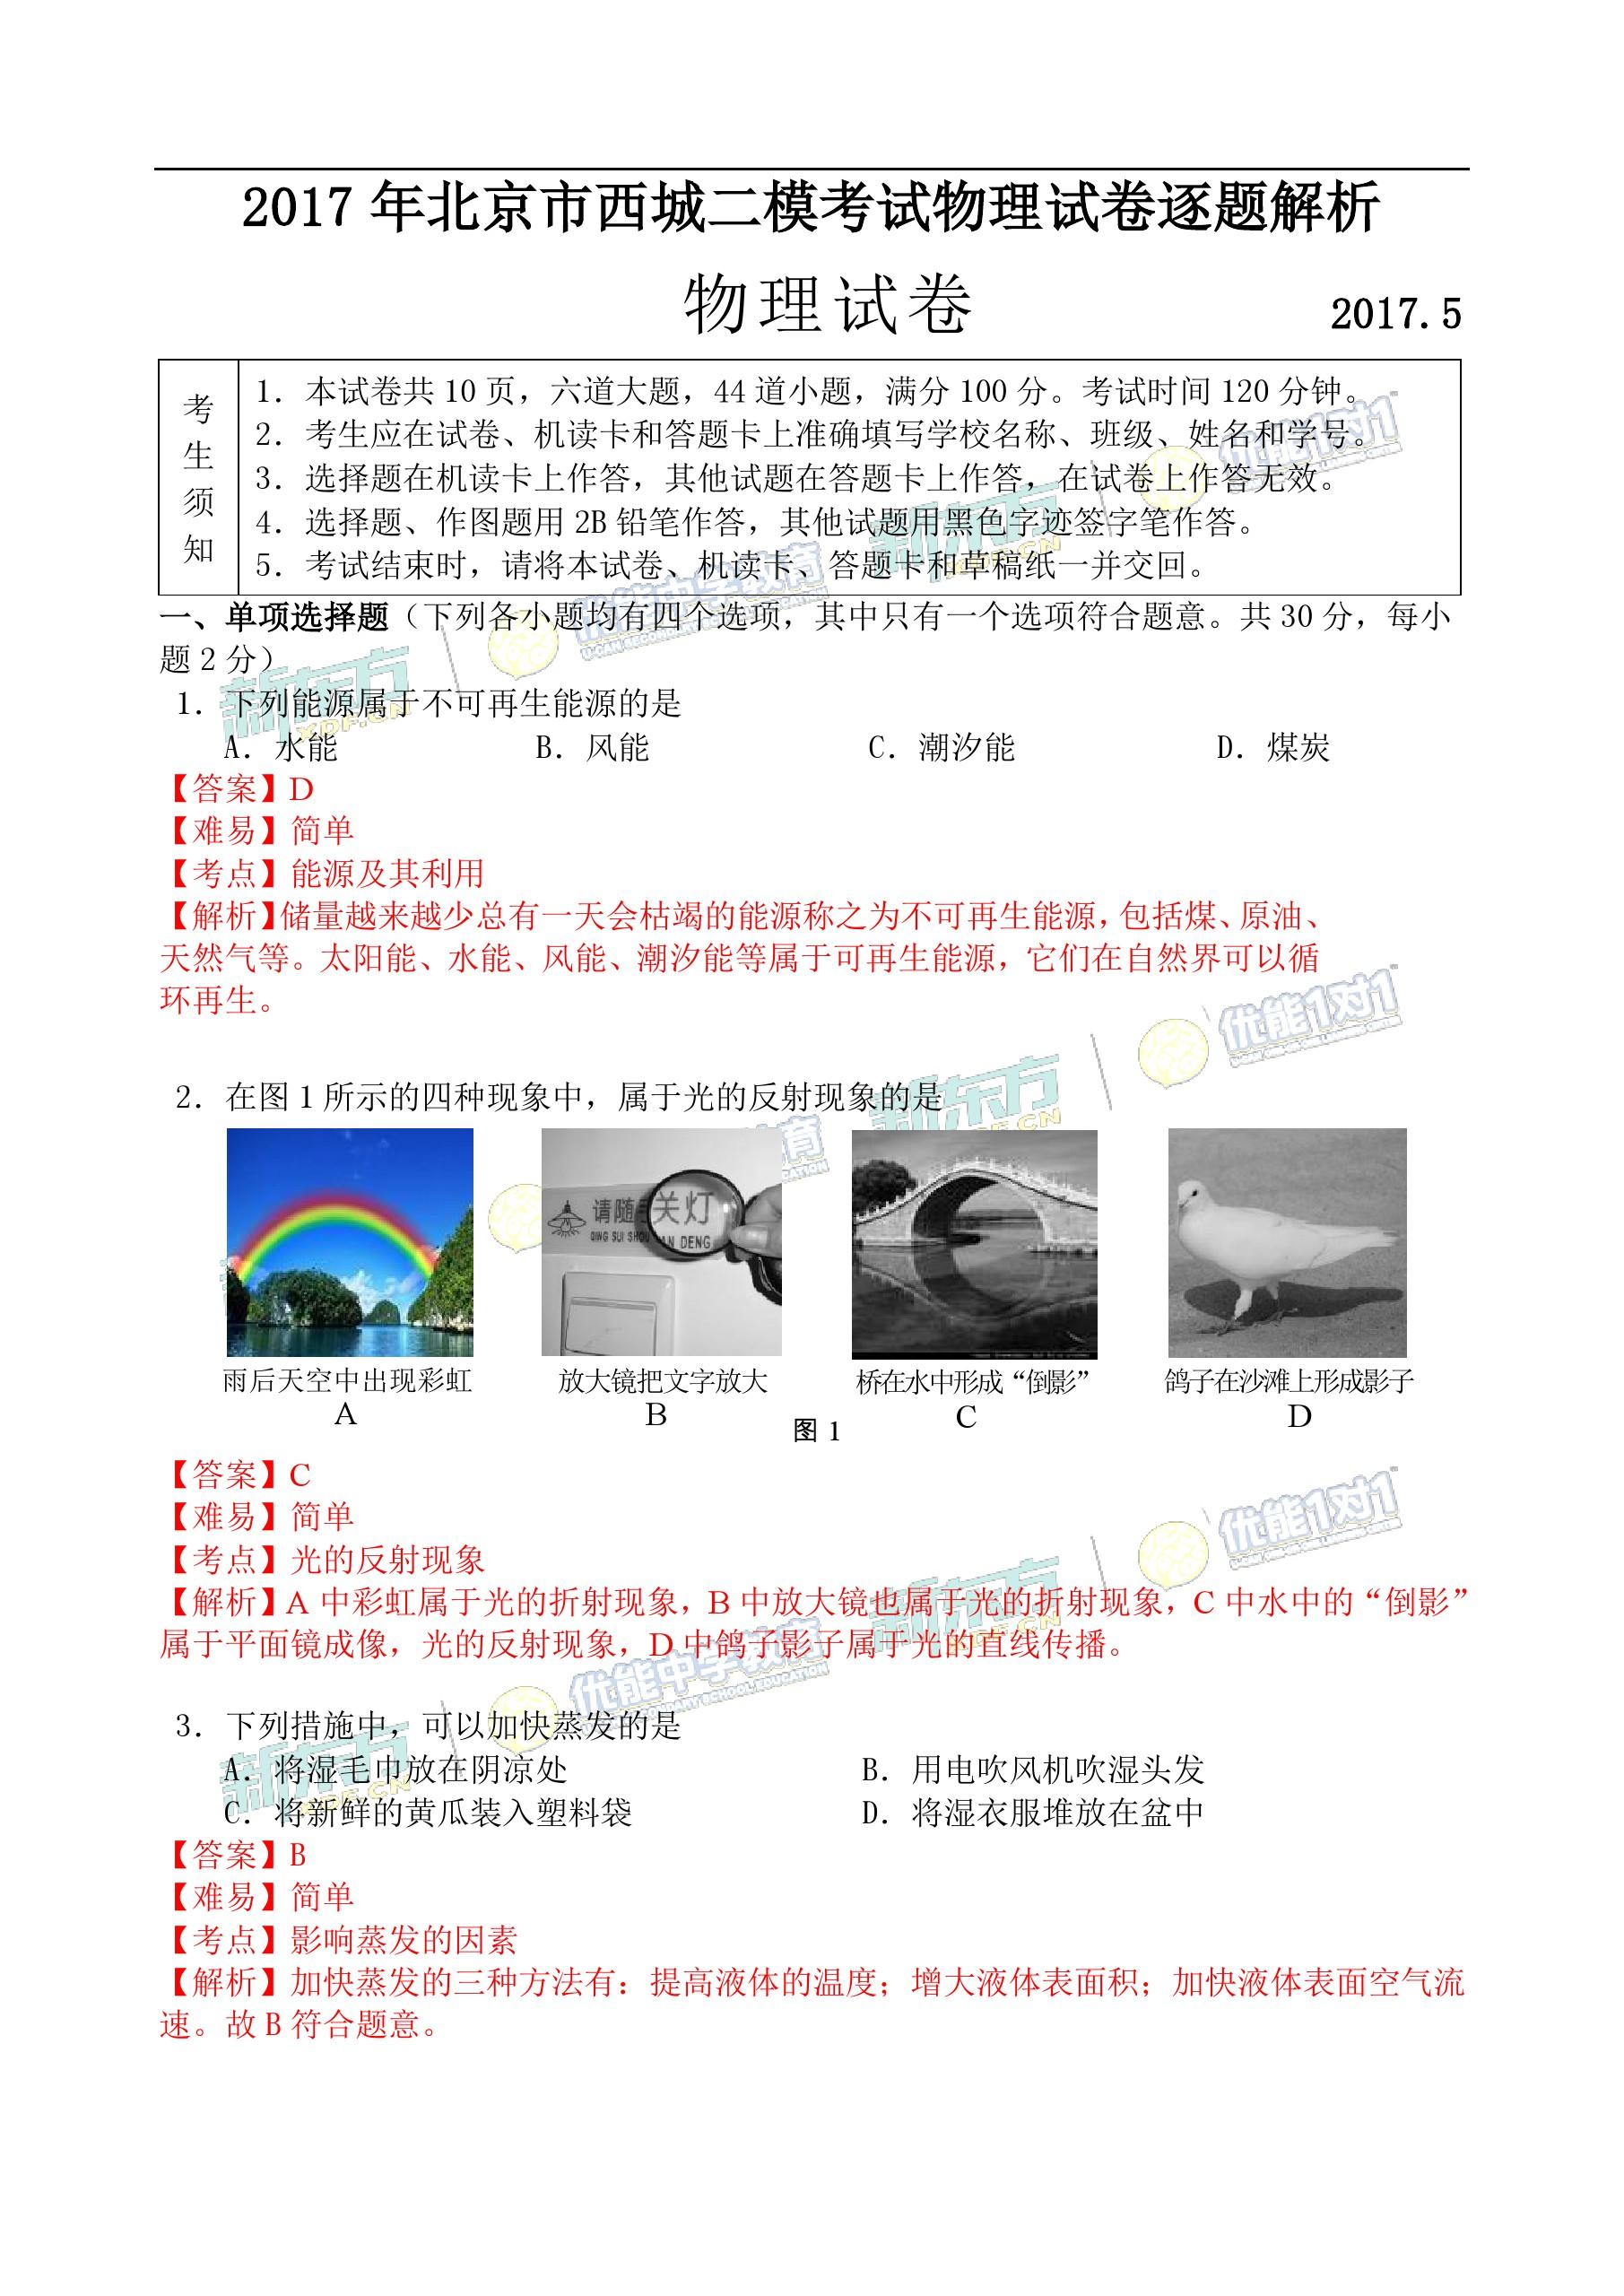 新东方优能名师逐题解析2017东城区初三二模物理答案(图片版)